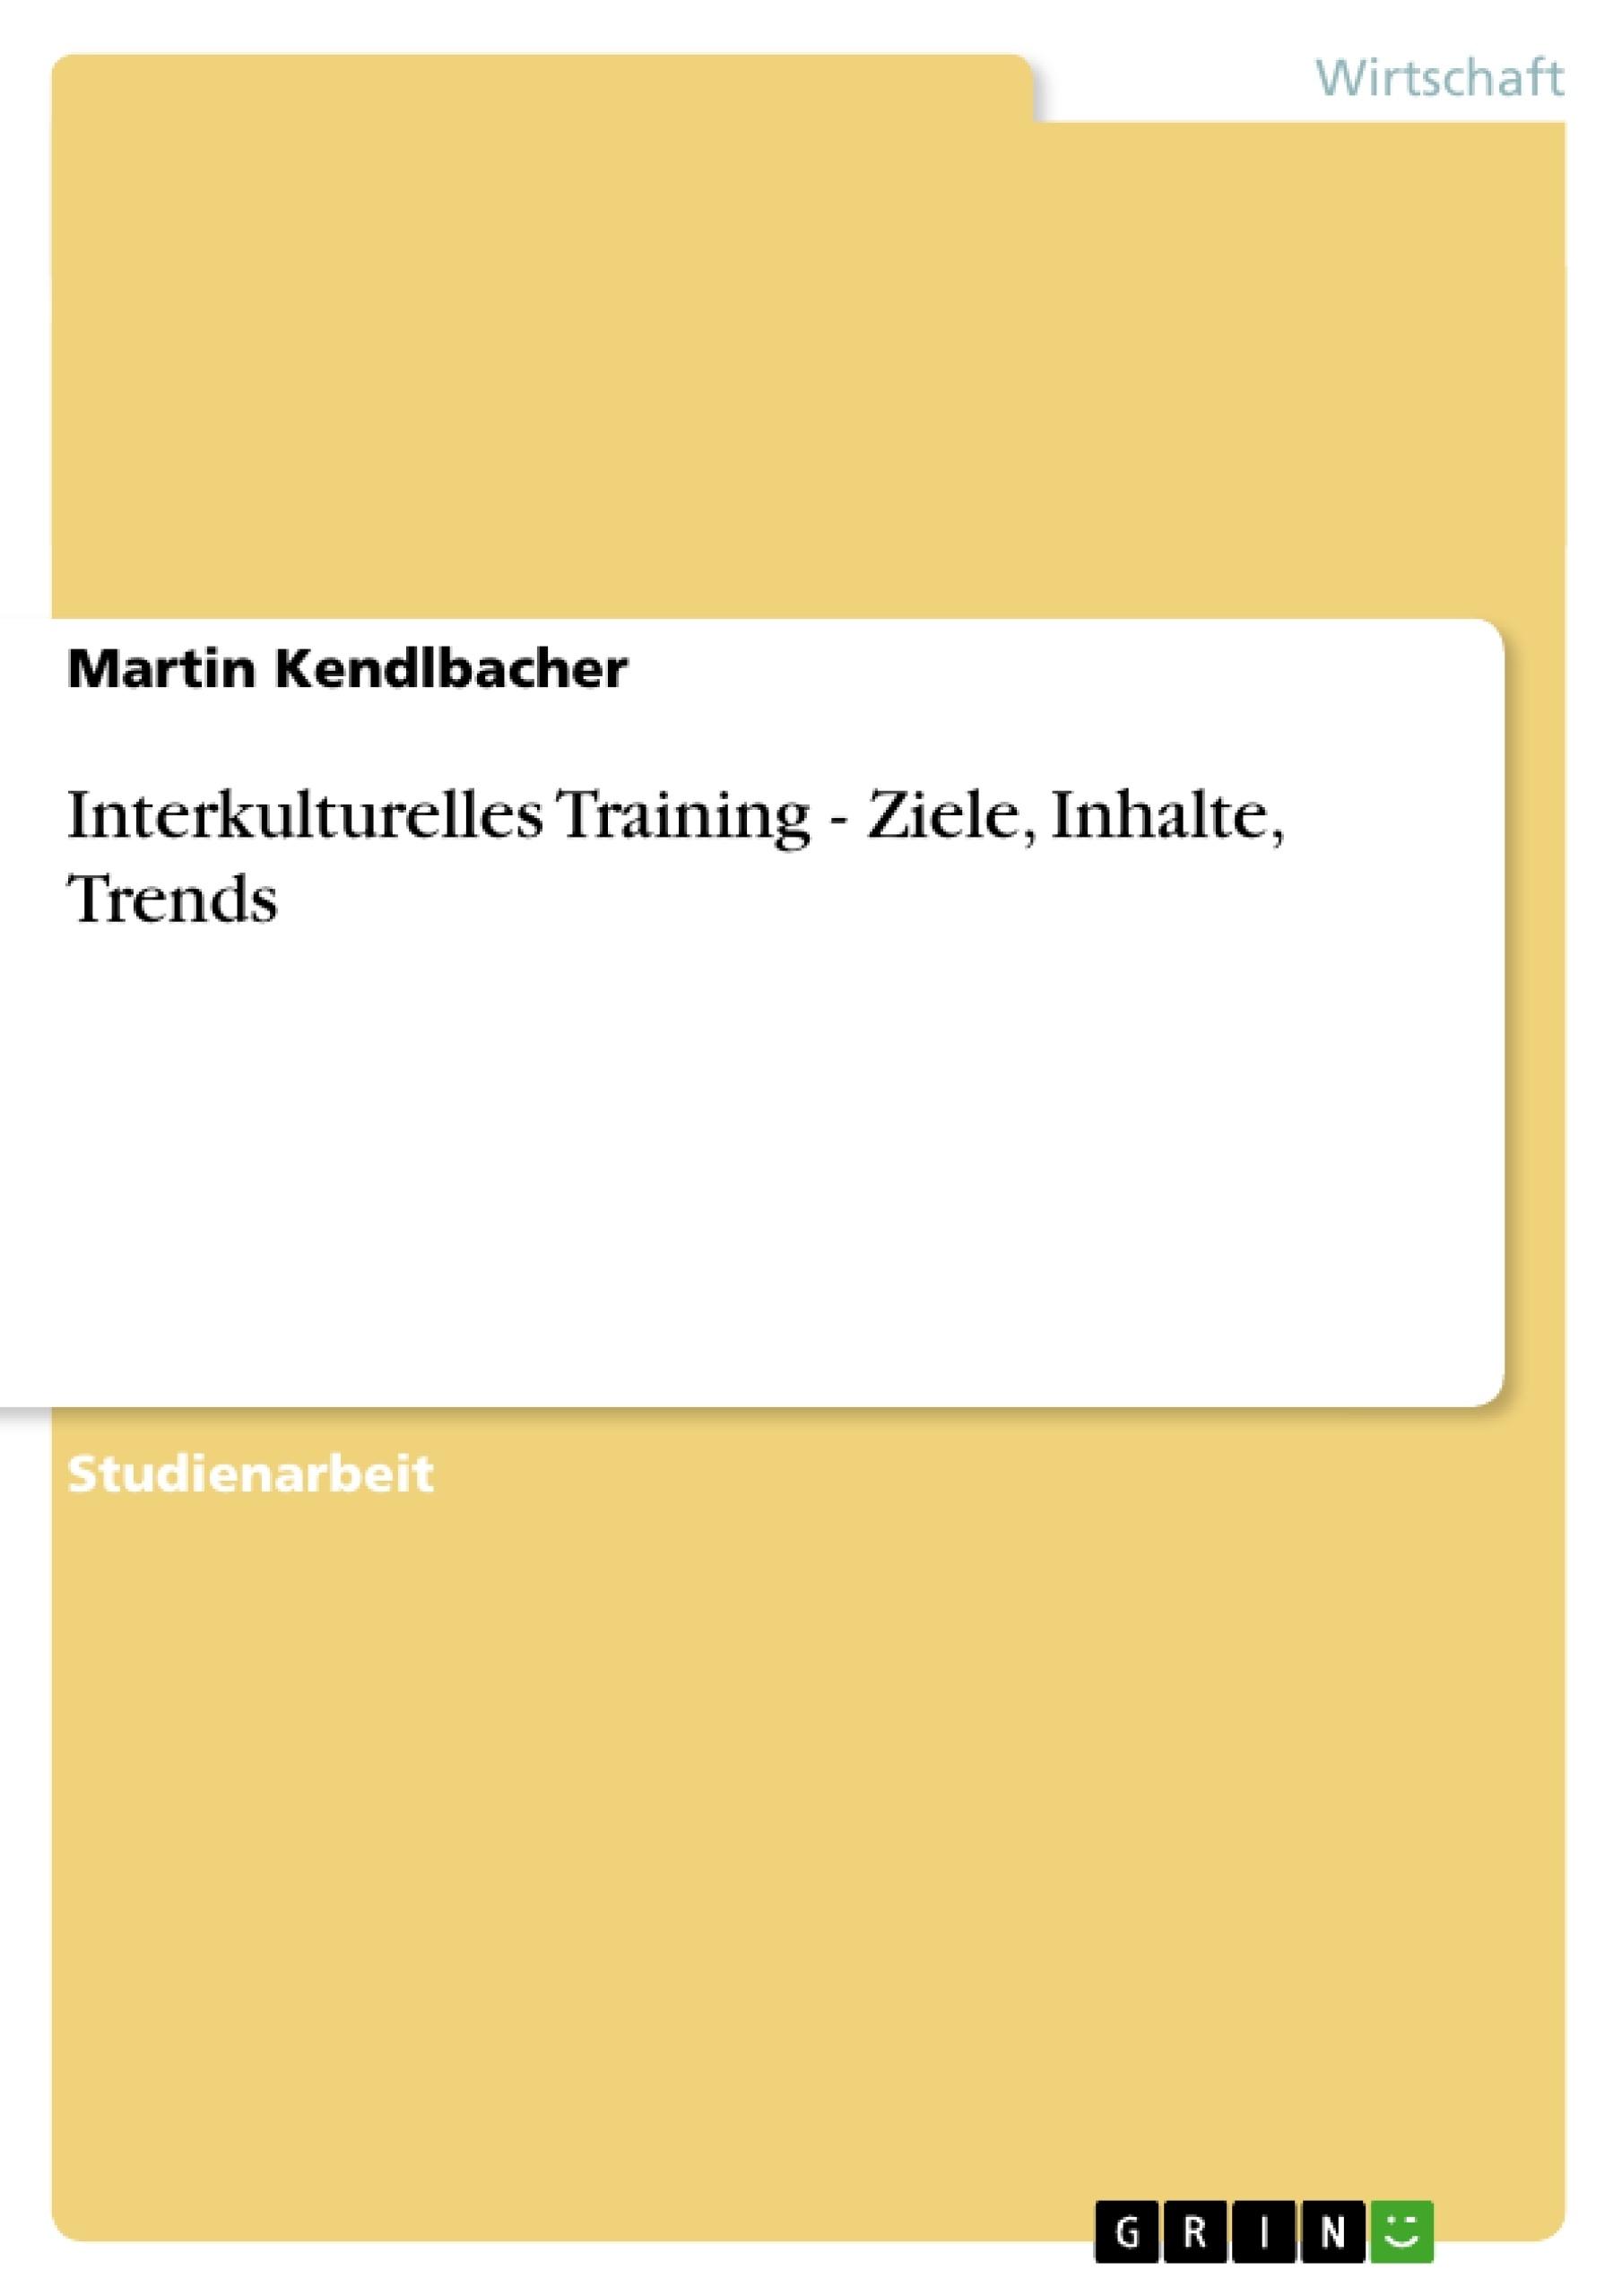 Titel: Interkulturelles Training - Ziele, Inhalte, Trends